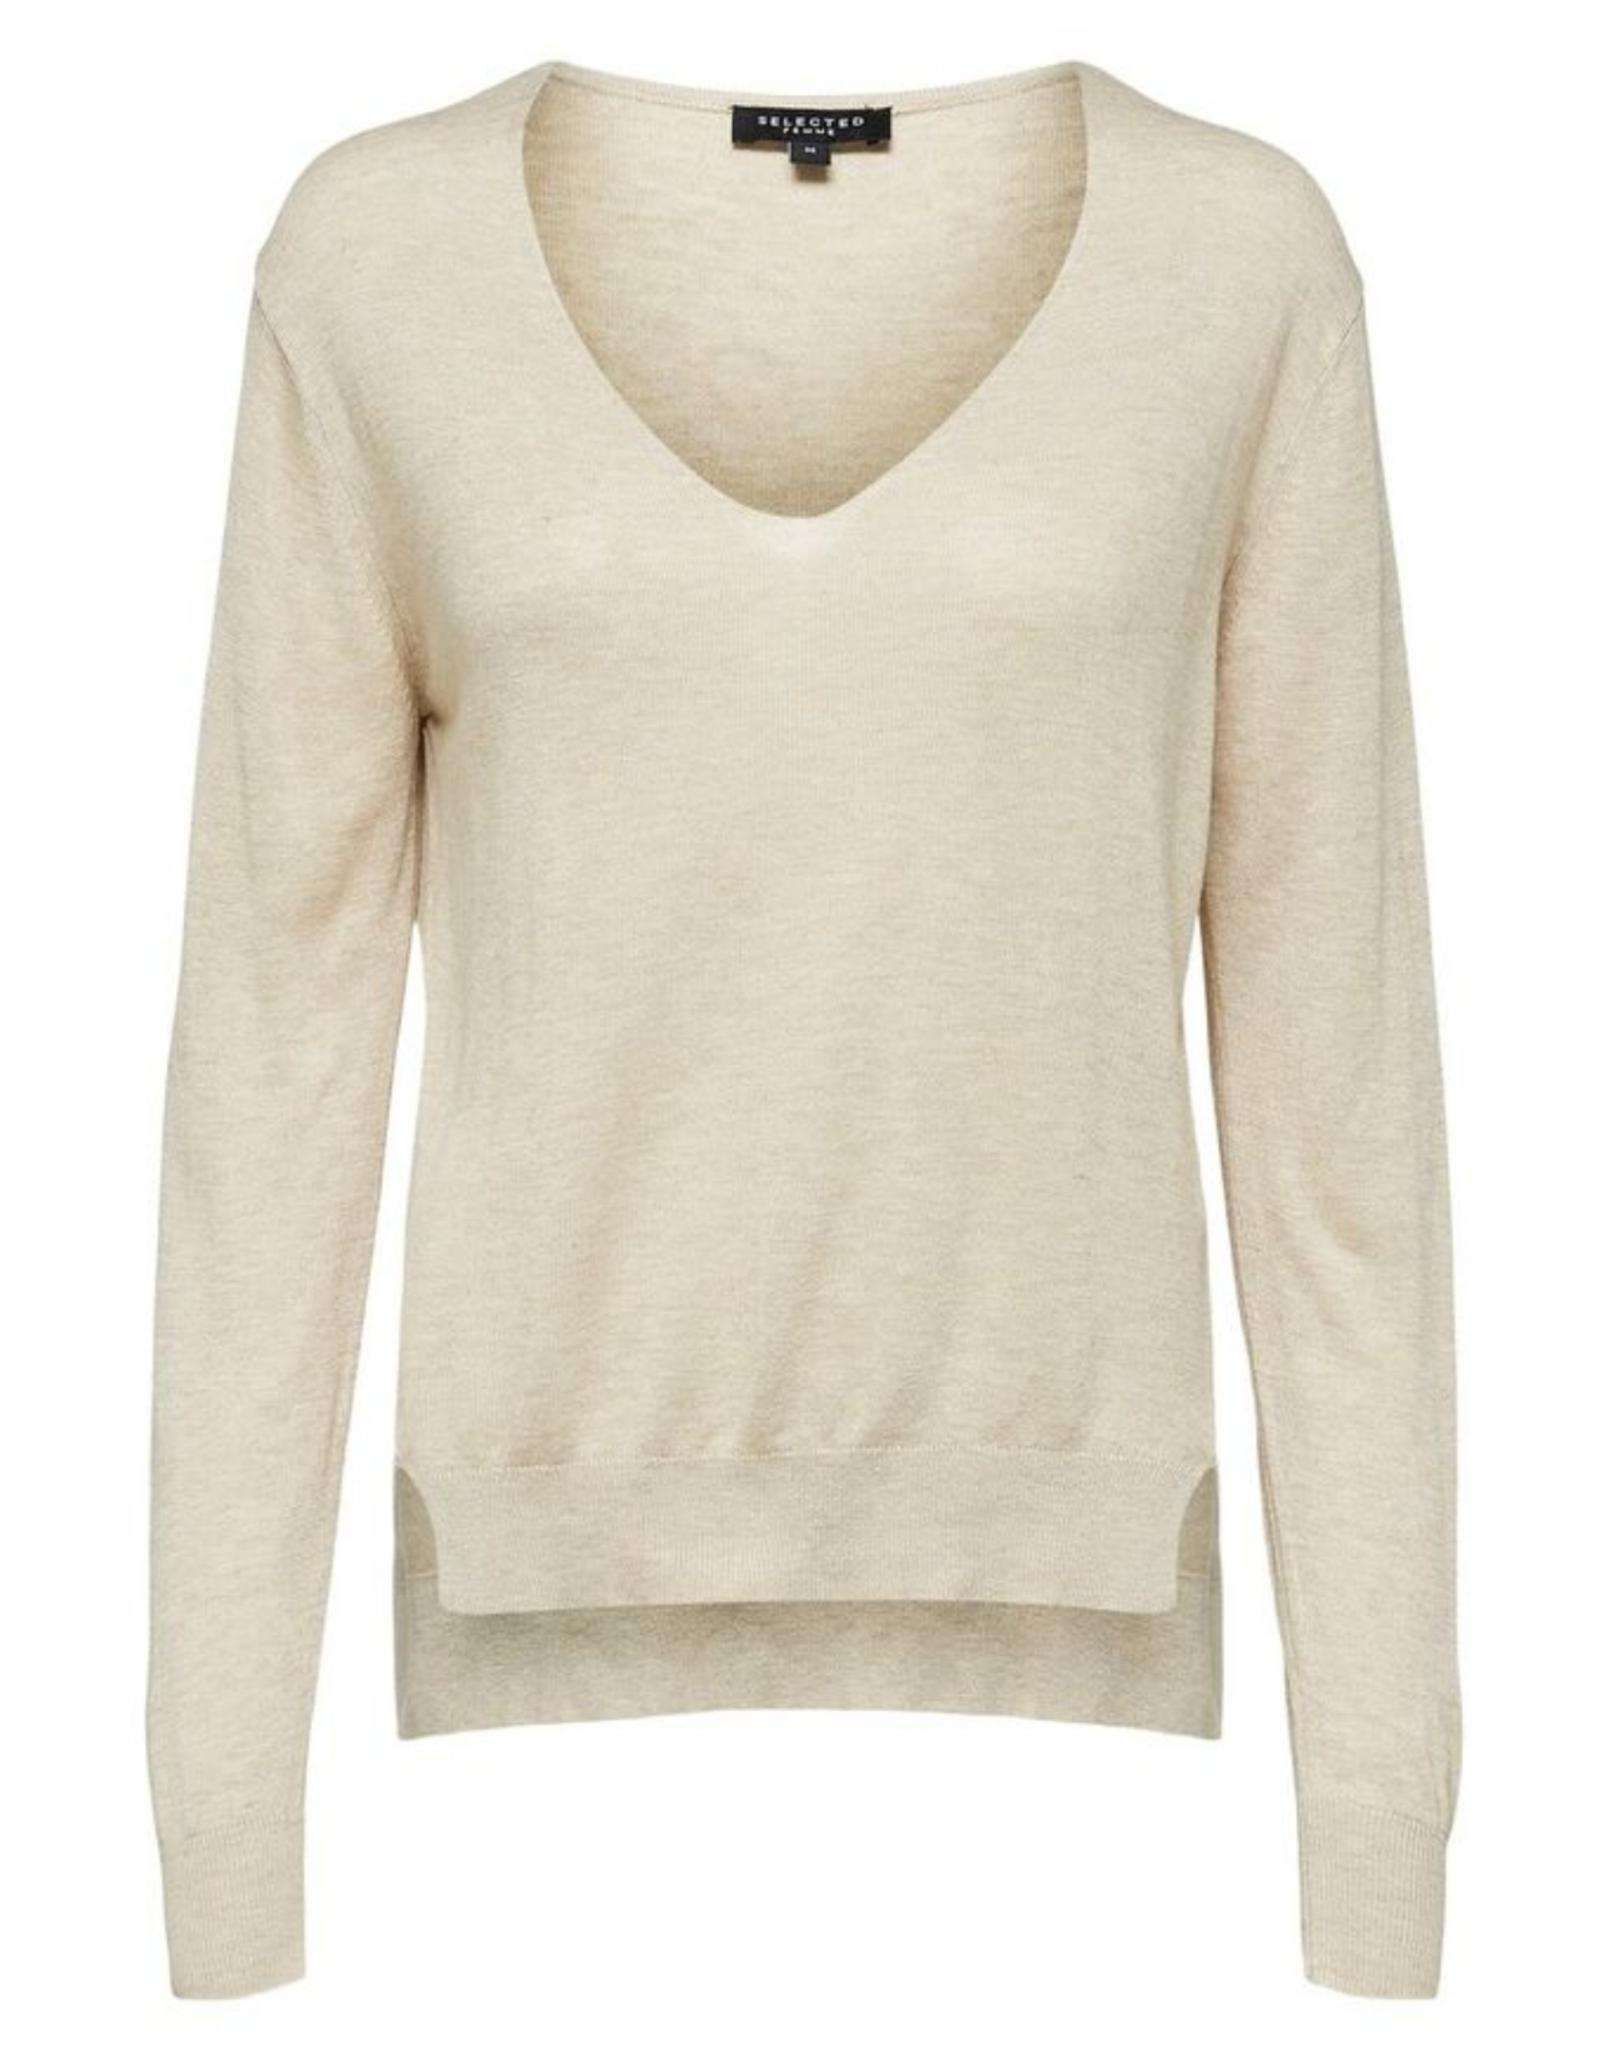 Selected Femme Linel knit beige